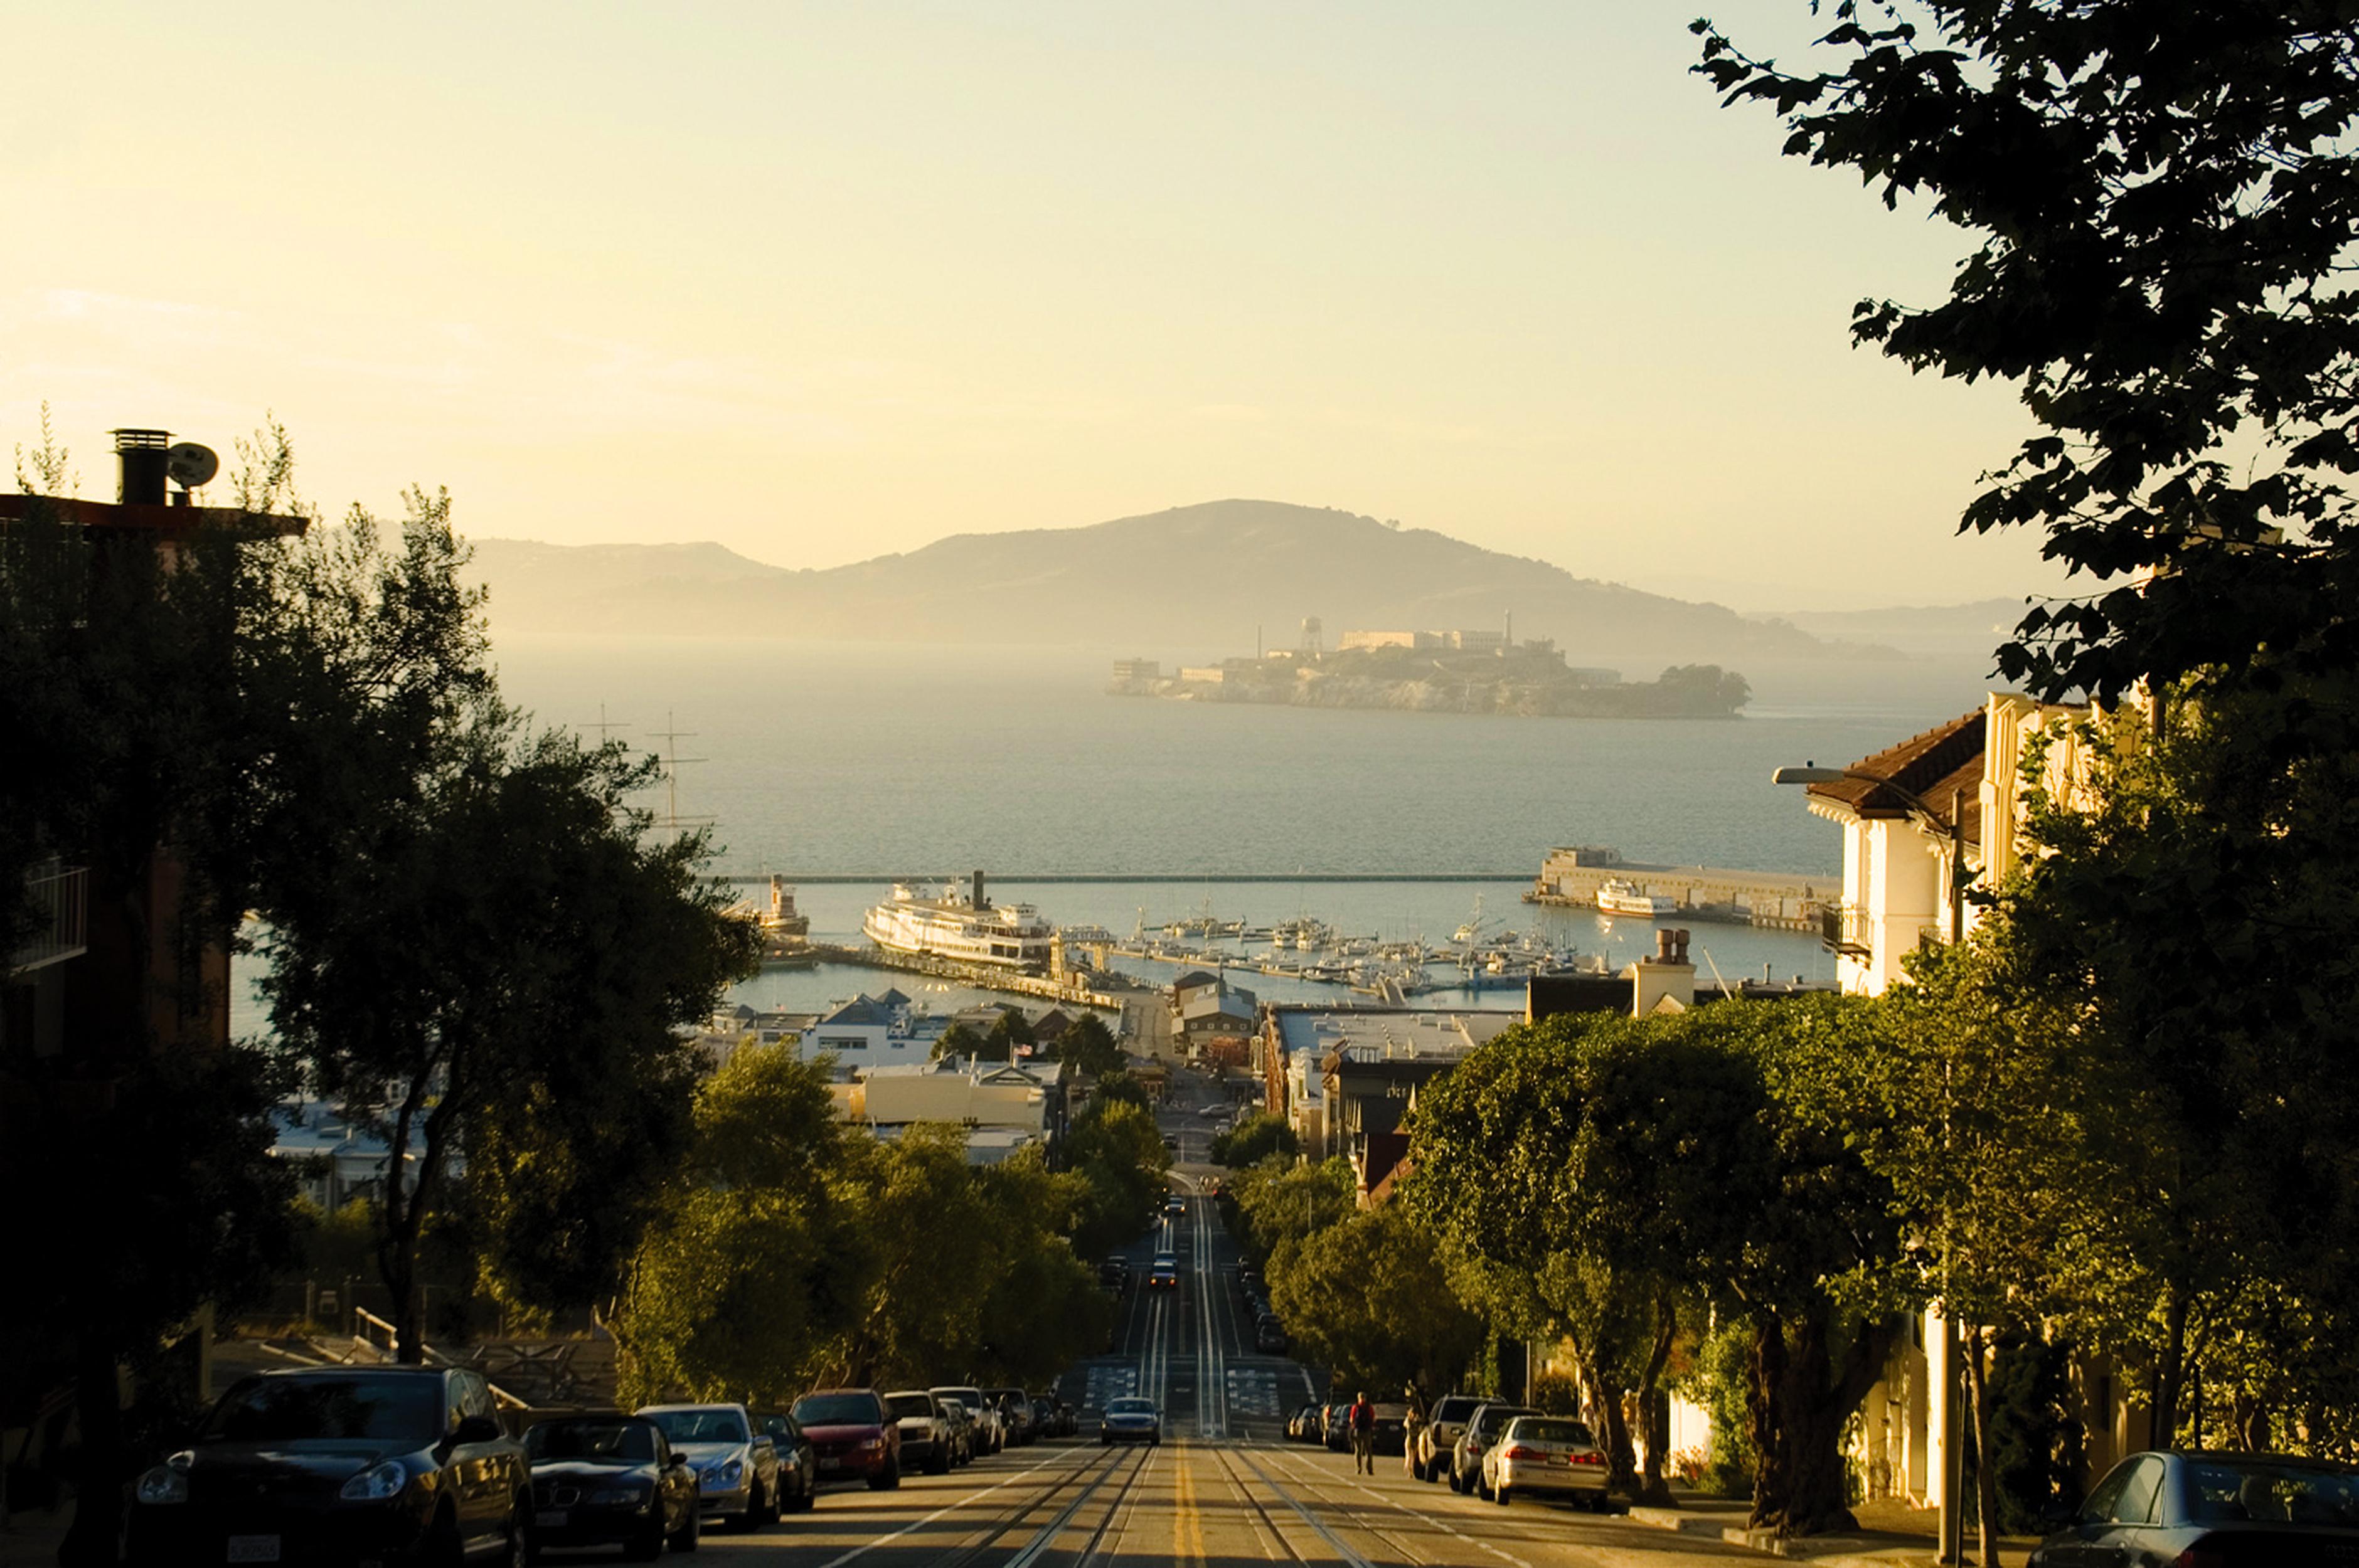 ヒップな西海岸で長期留学♪長期でアメリカに滞在するなら、サンフランシスコがおすすめ!